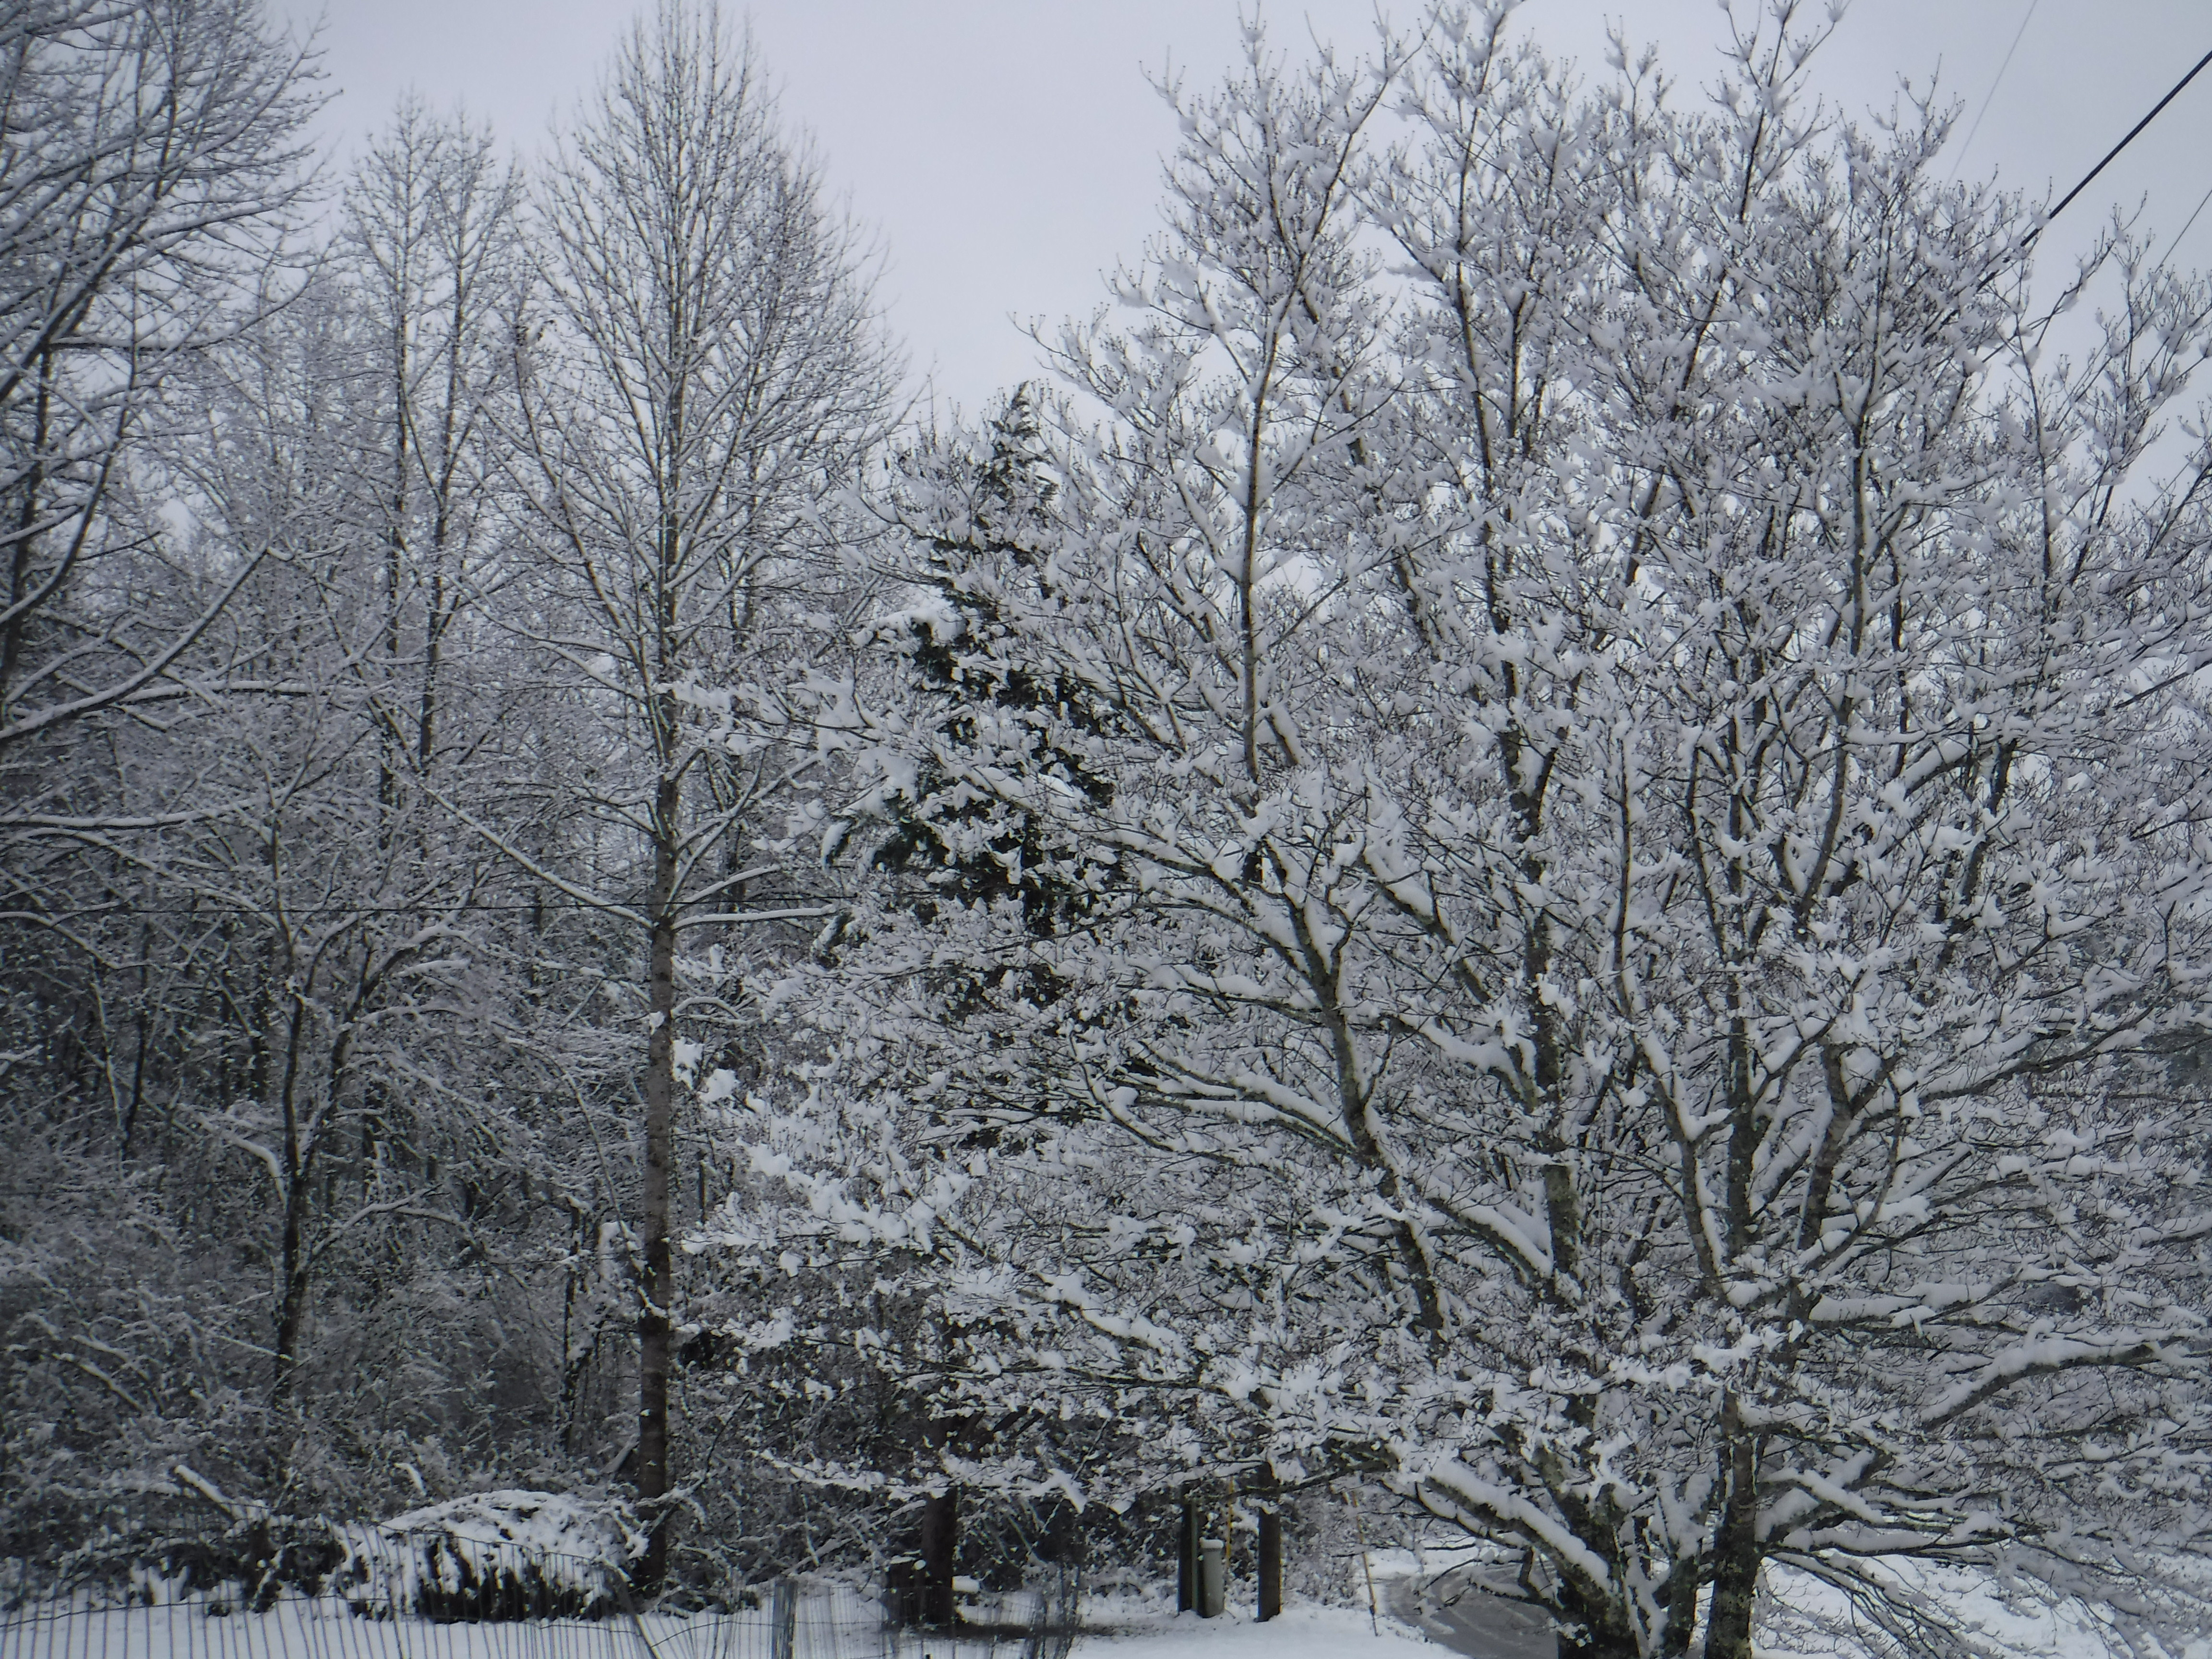 2020-02-08 Snow-7 Tree